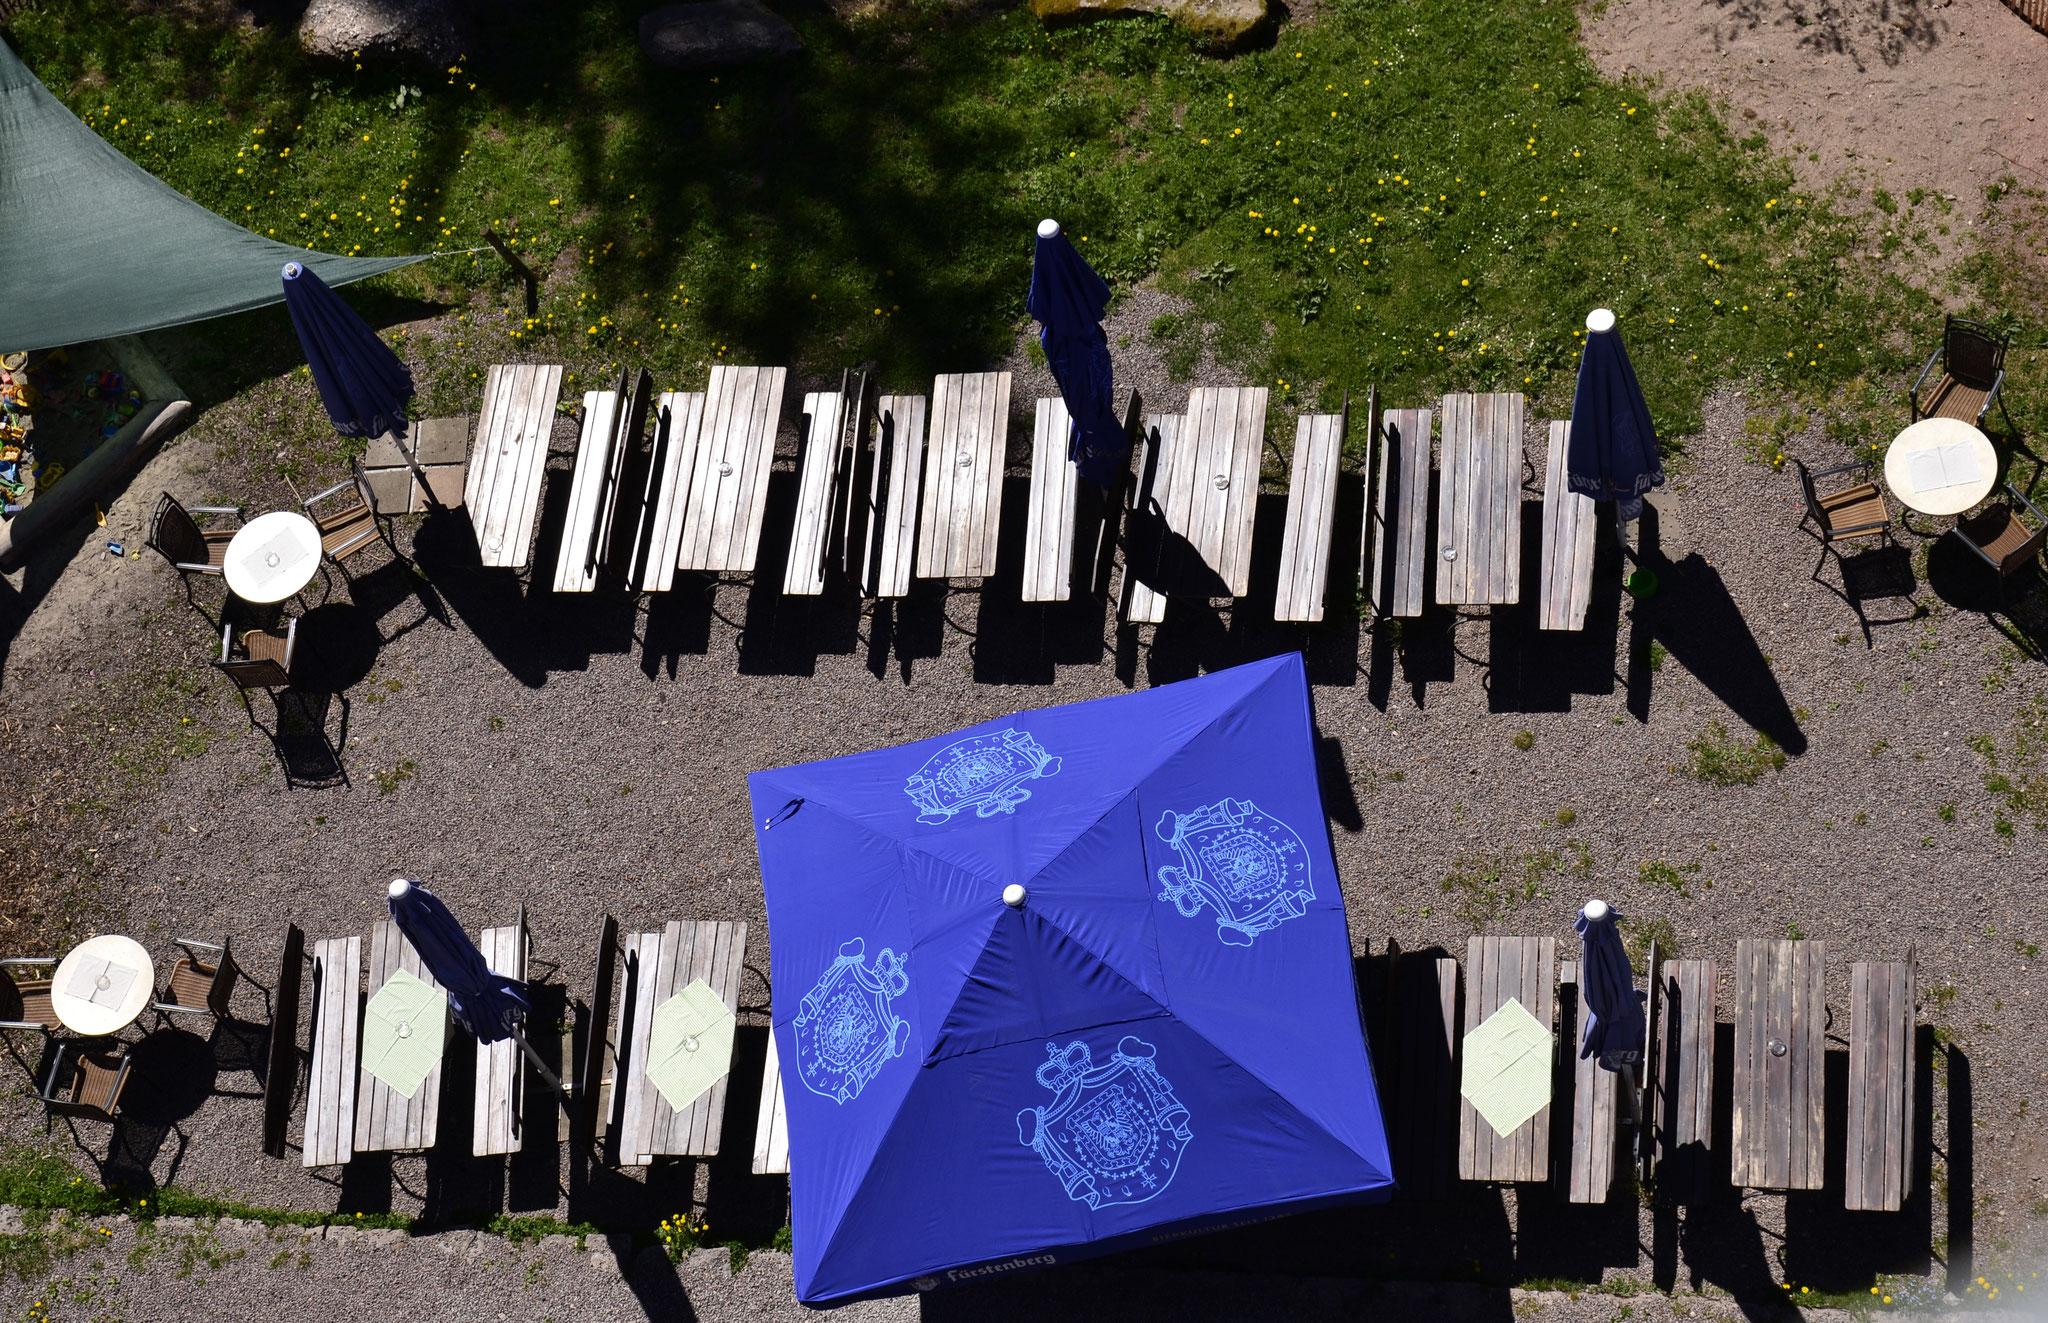 Gartenwirtschaft am Stöcklewaldturm